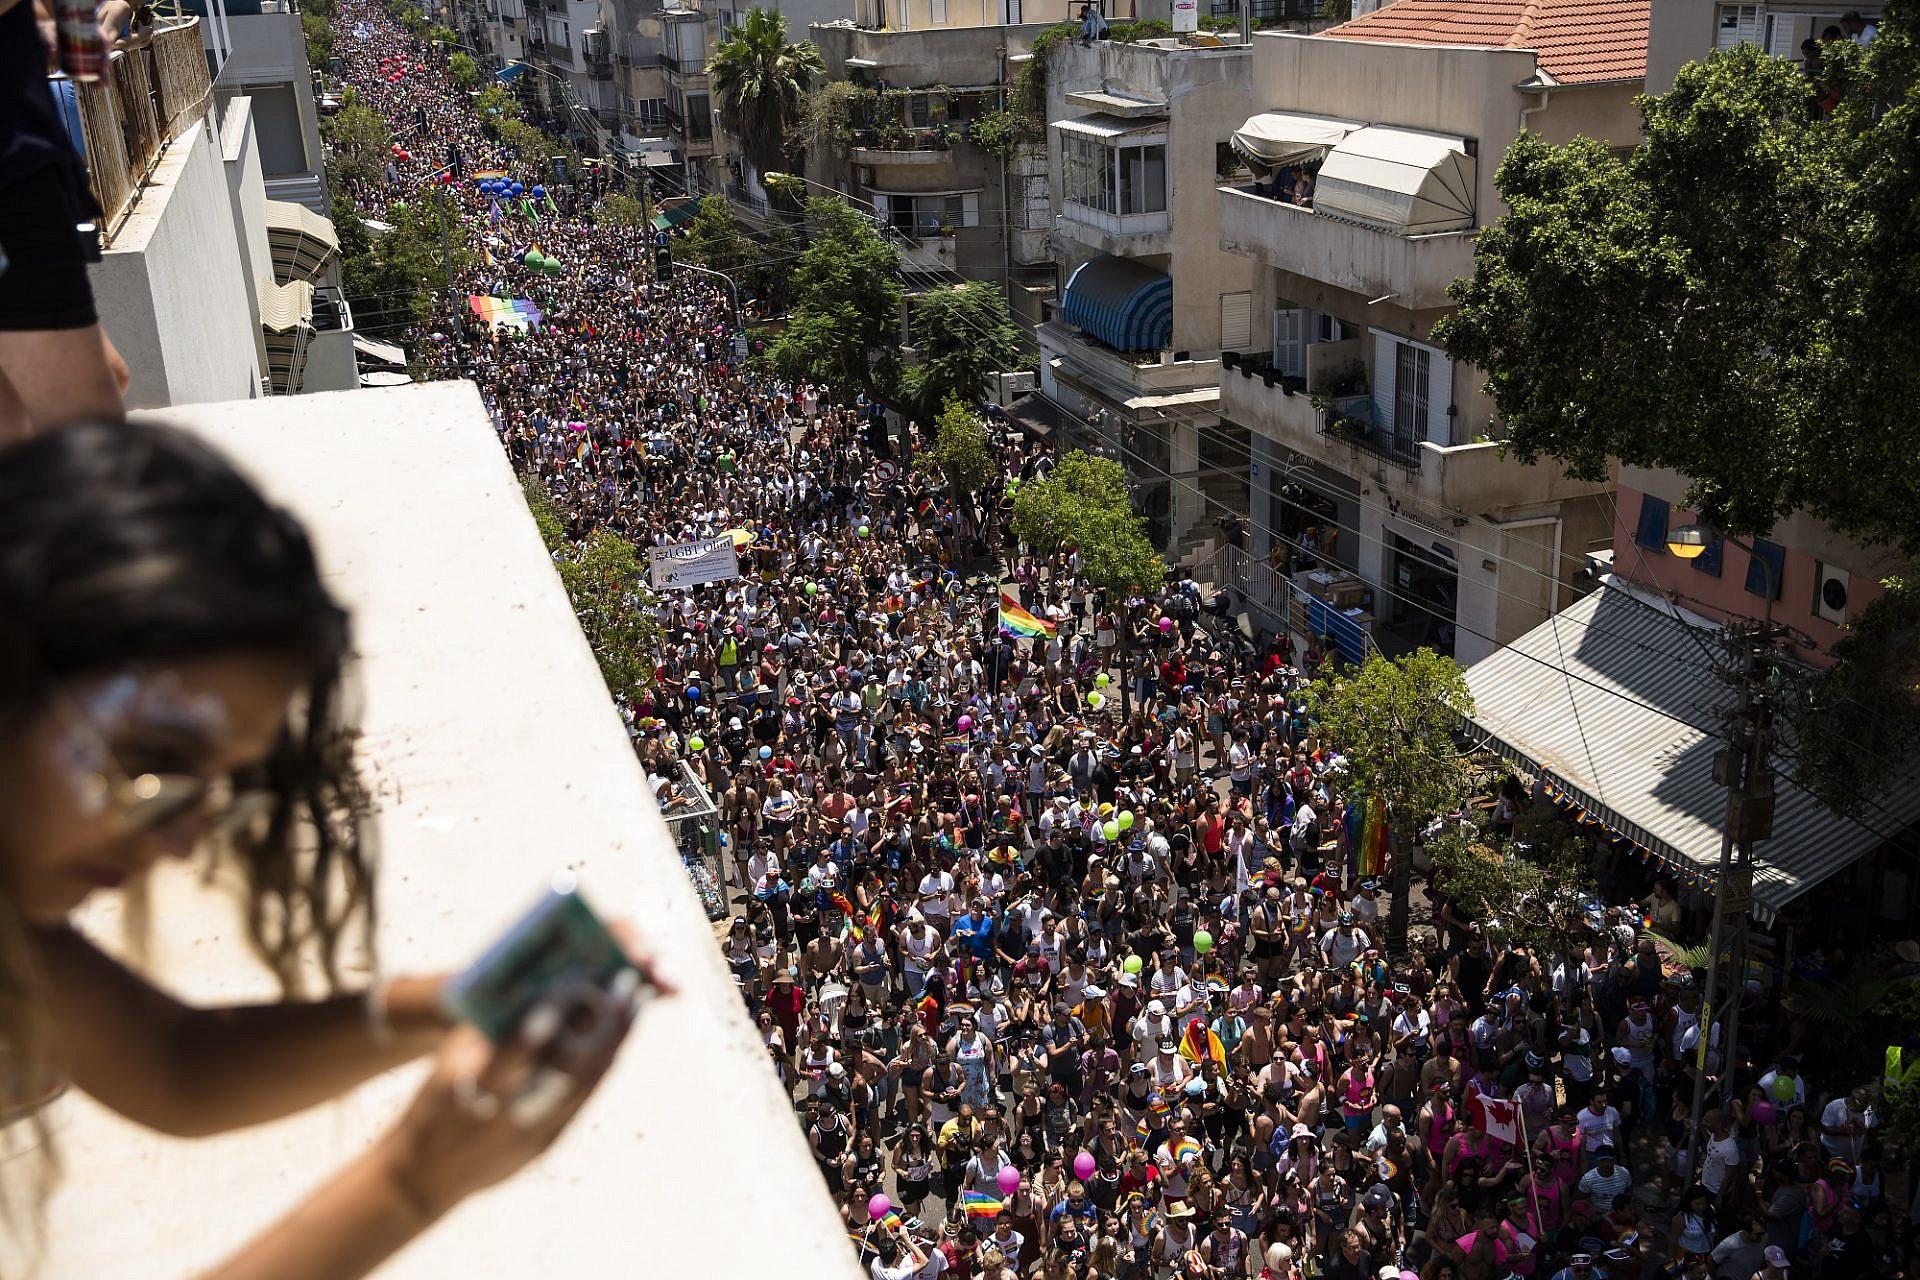 כולם רוצים מצעד, אבל השוויון חשוב יותר. מצעד הגאווה 2019 (צילום: אמיר לוי\גטי אימג'ס)